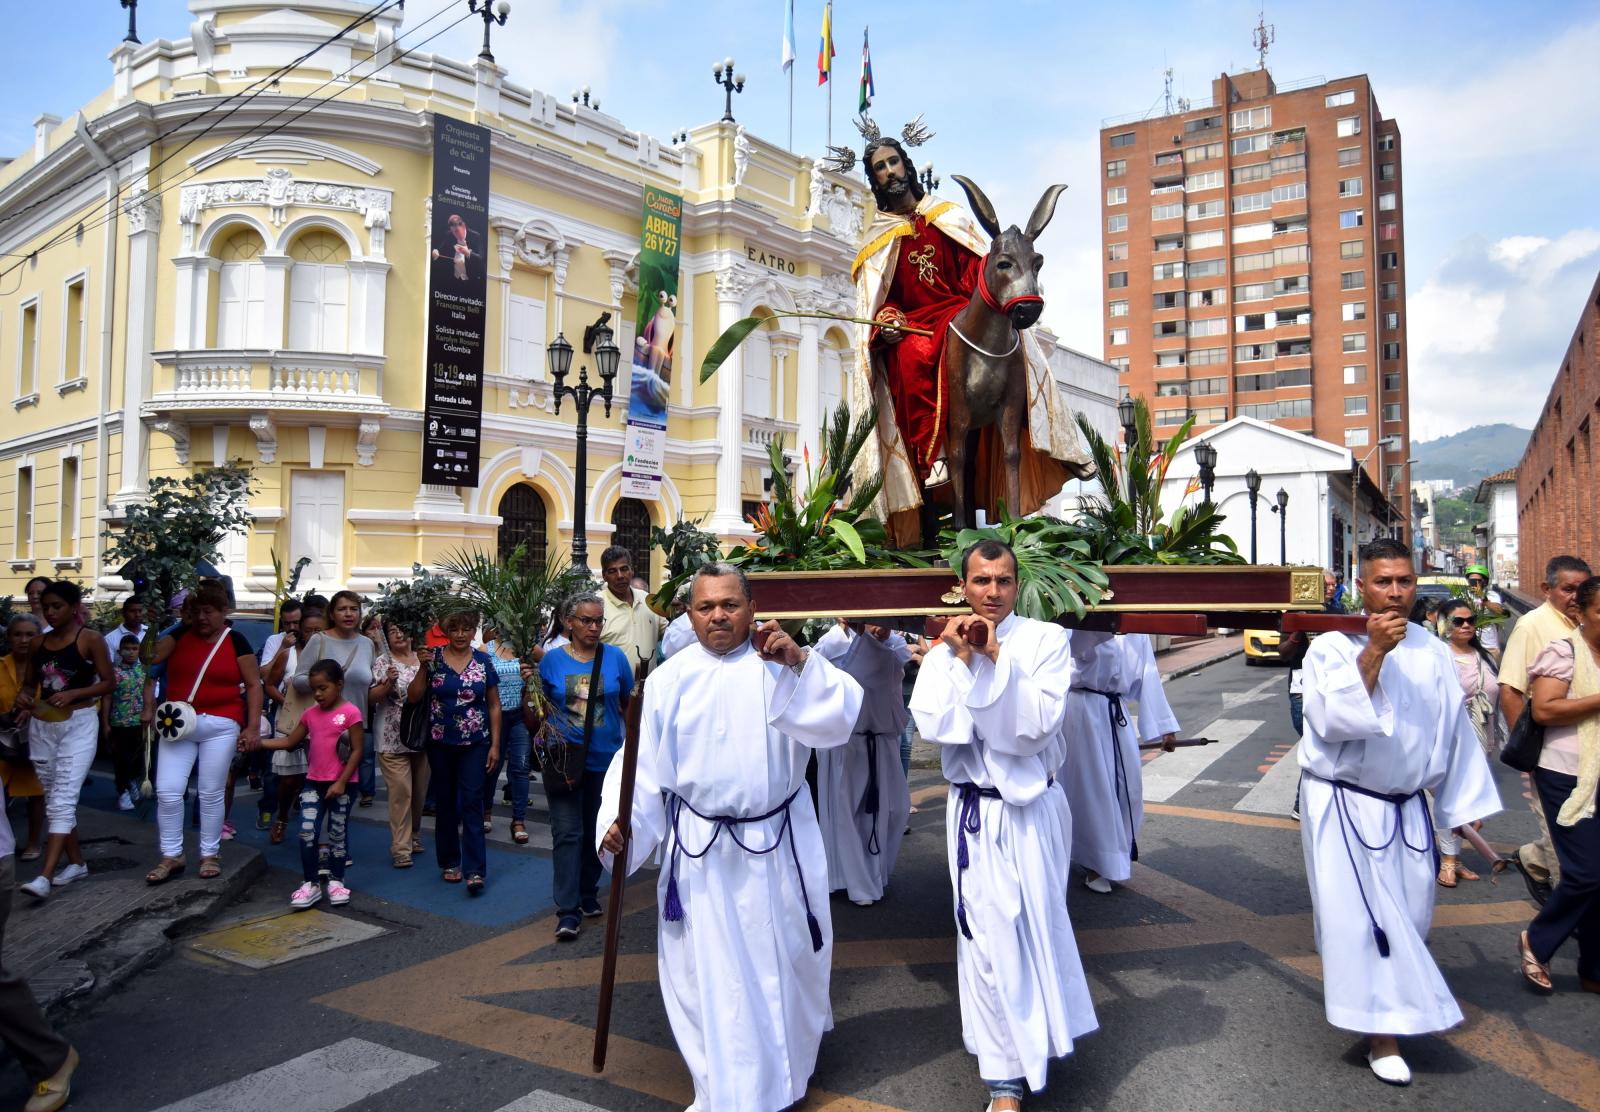 Niedziela Palmowa w Kolumbii/PAP/EPA/ERNESTO GUZMAN JR.